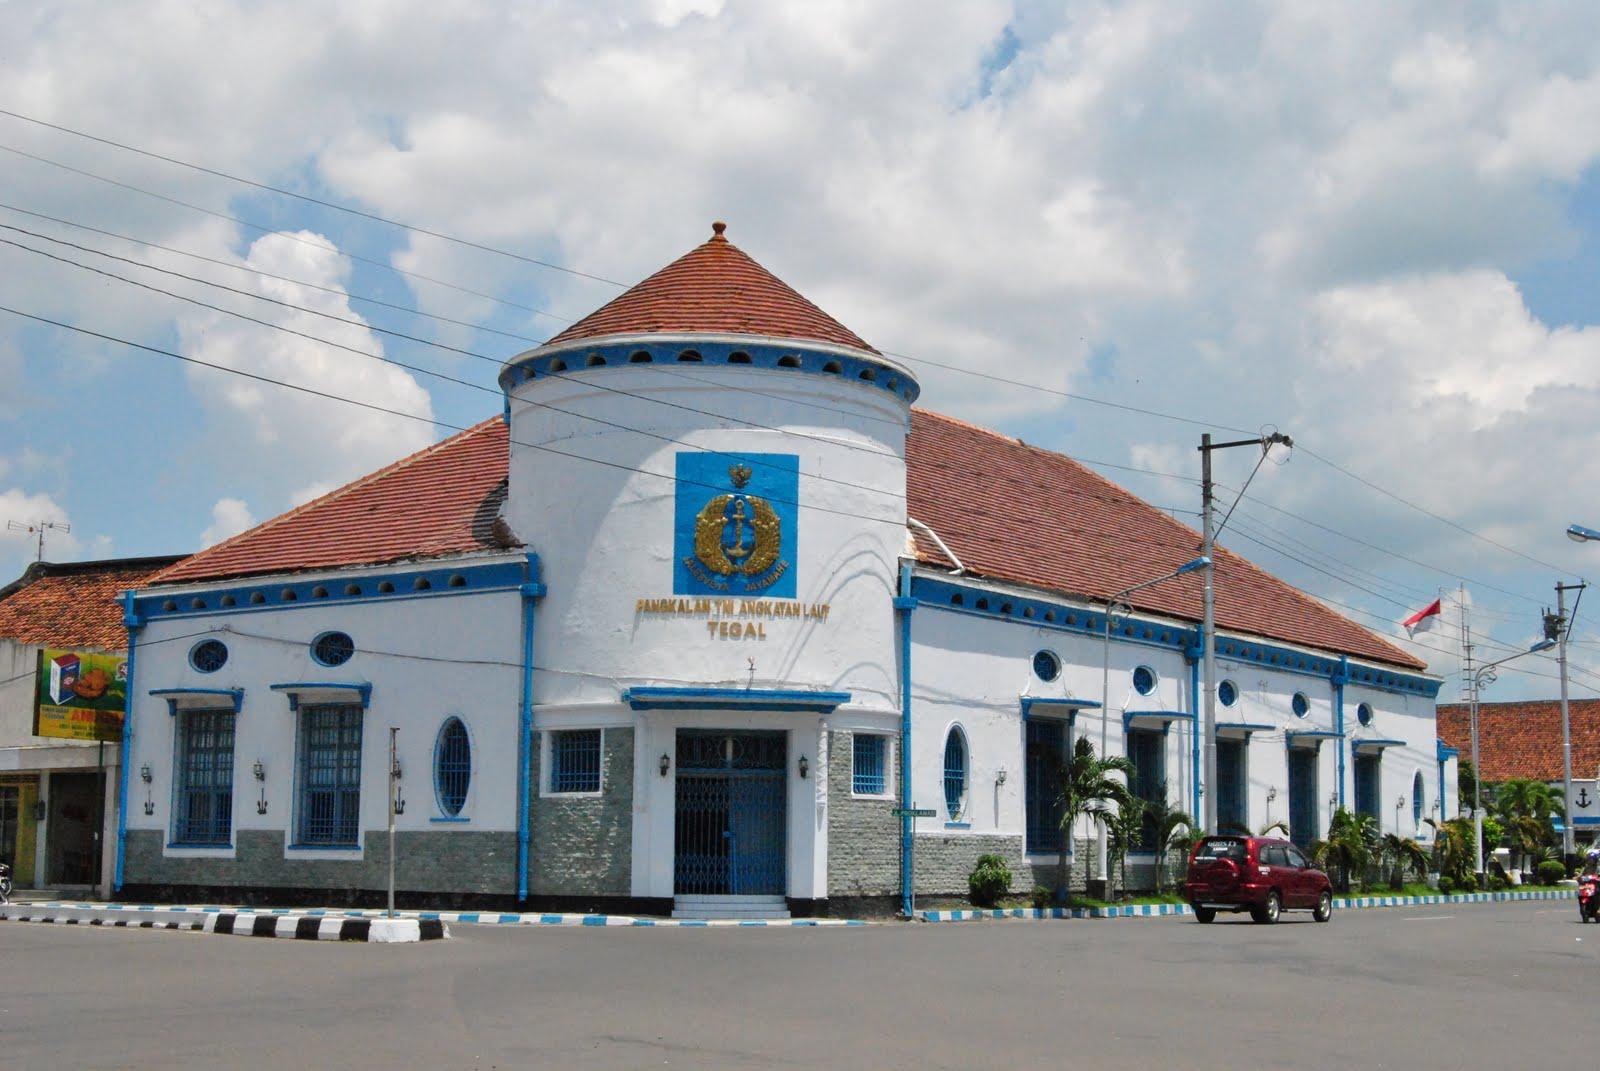 logo kabupaten tegal - GambarmuGo